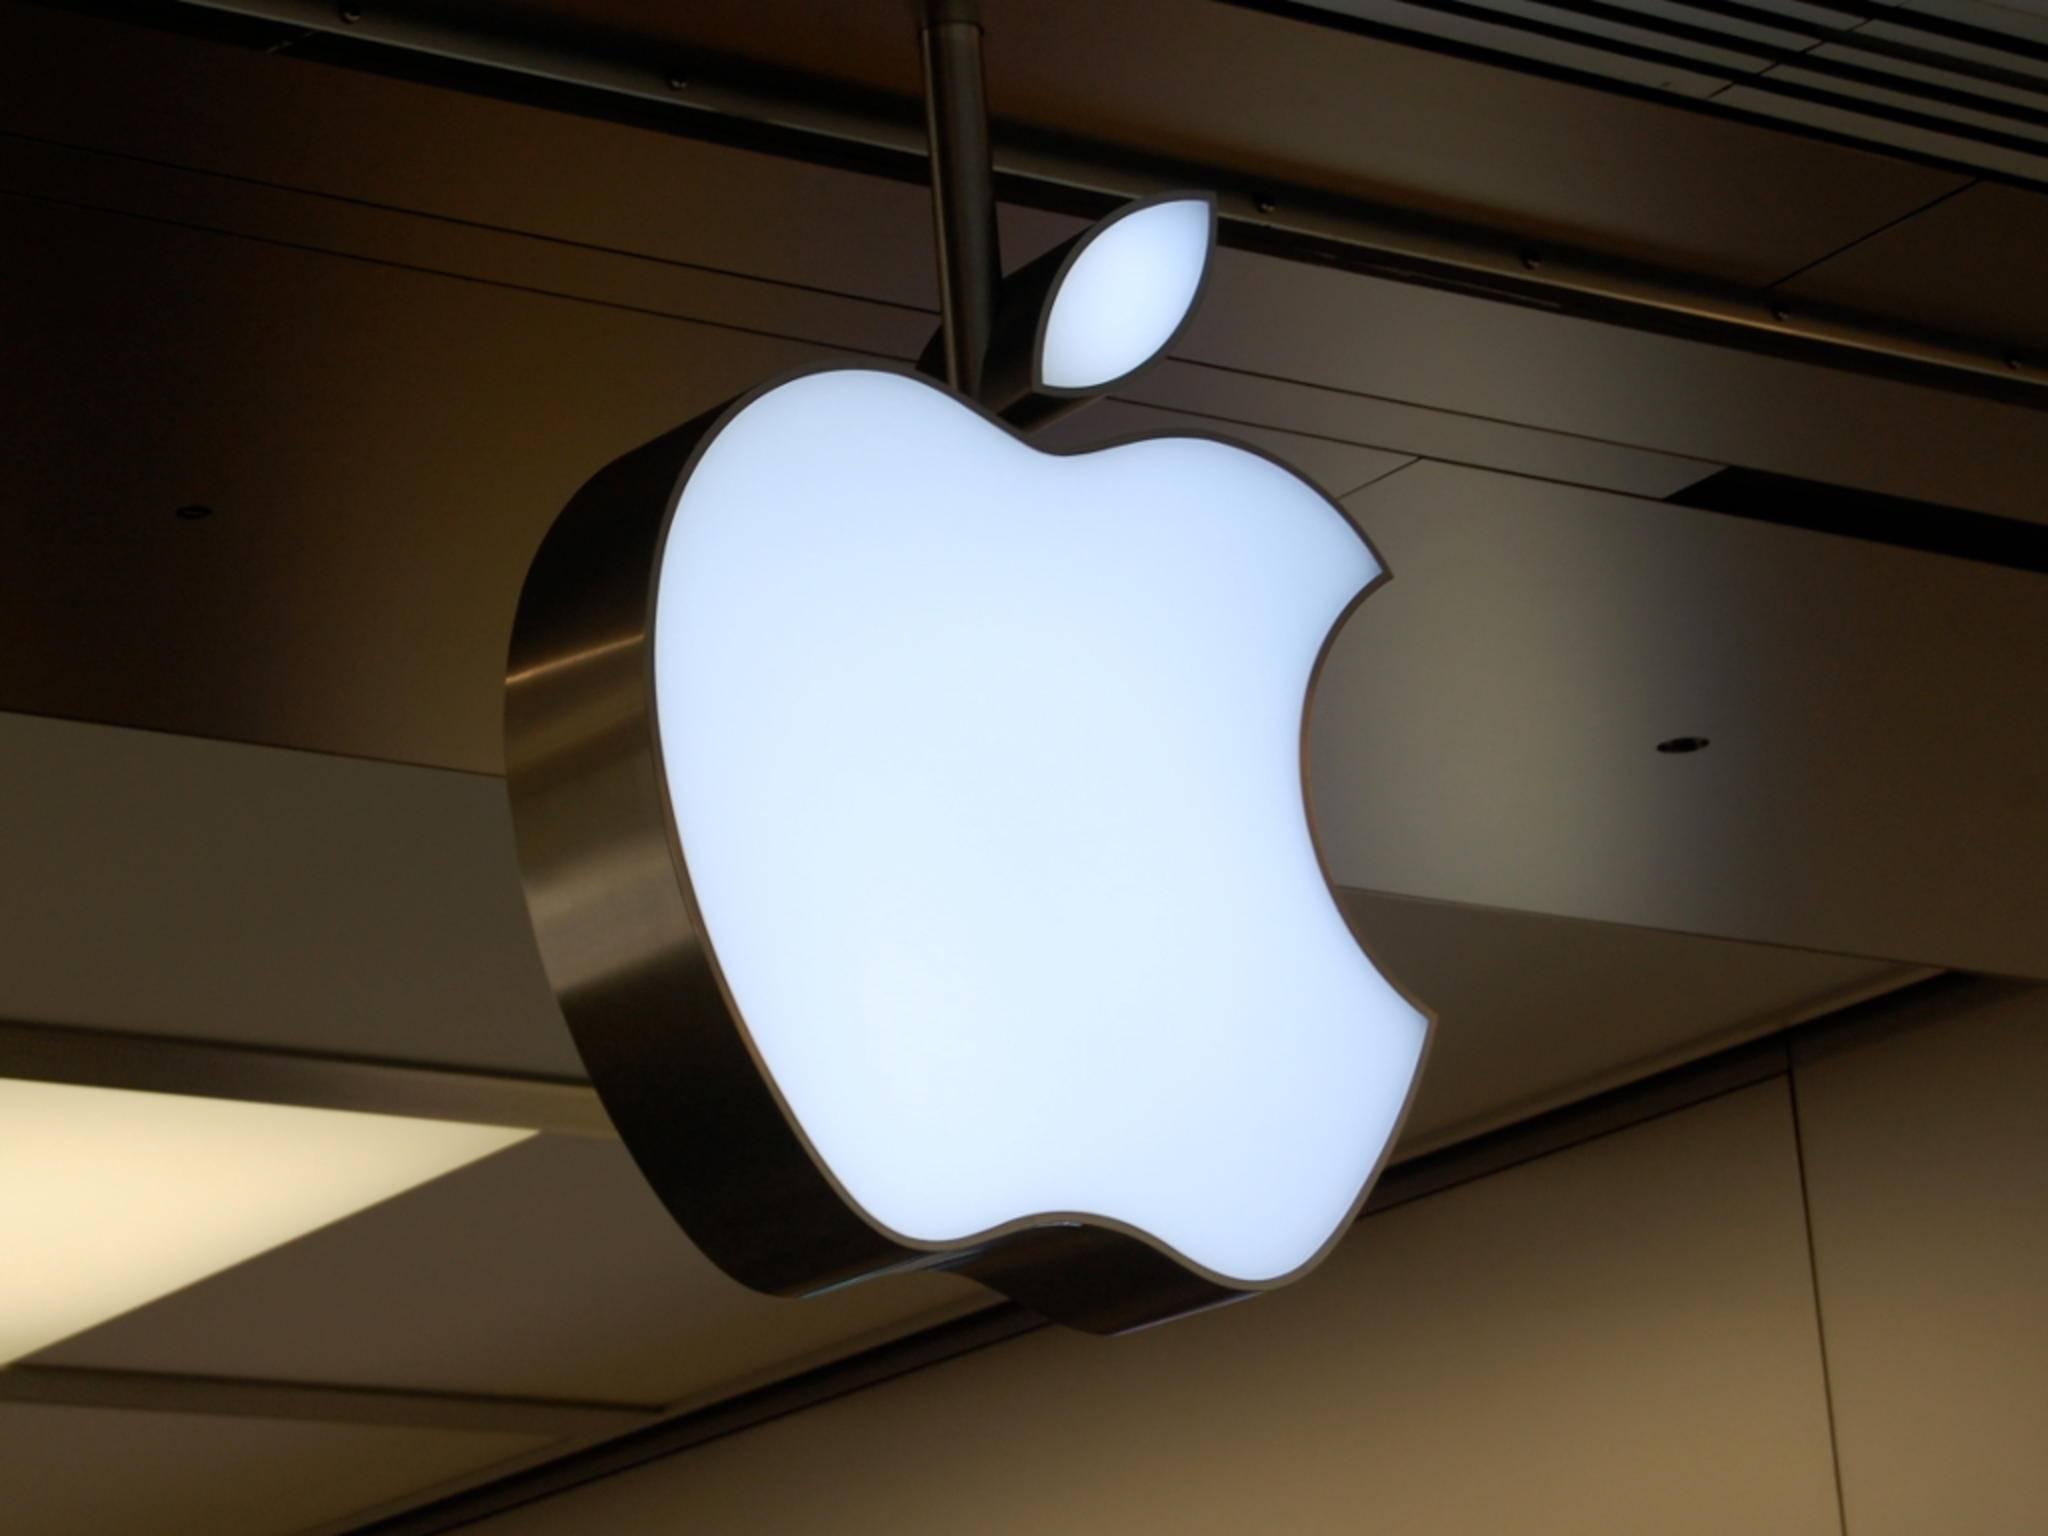 Apple ist eines der größten Technologie-Unternehmen der Welt.